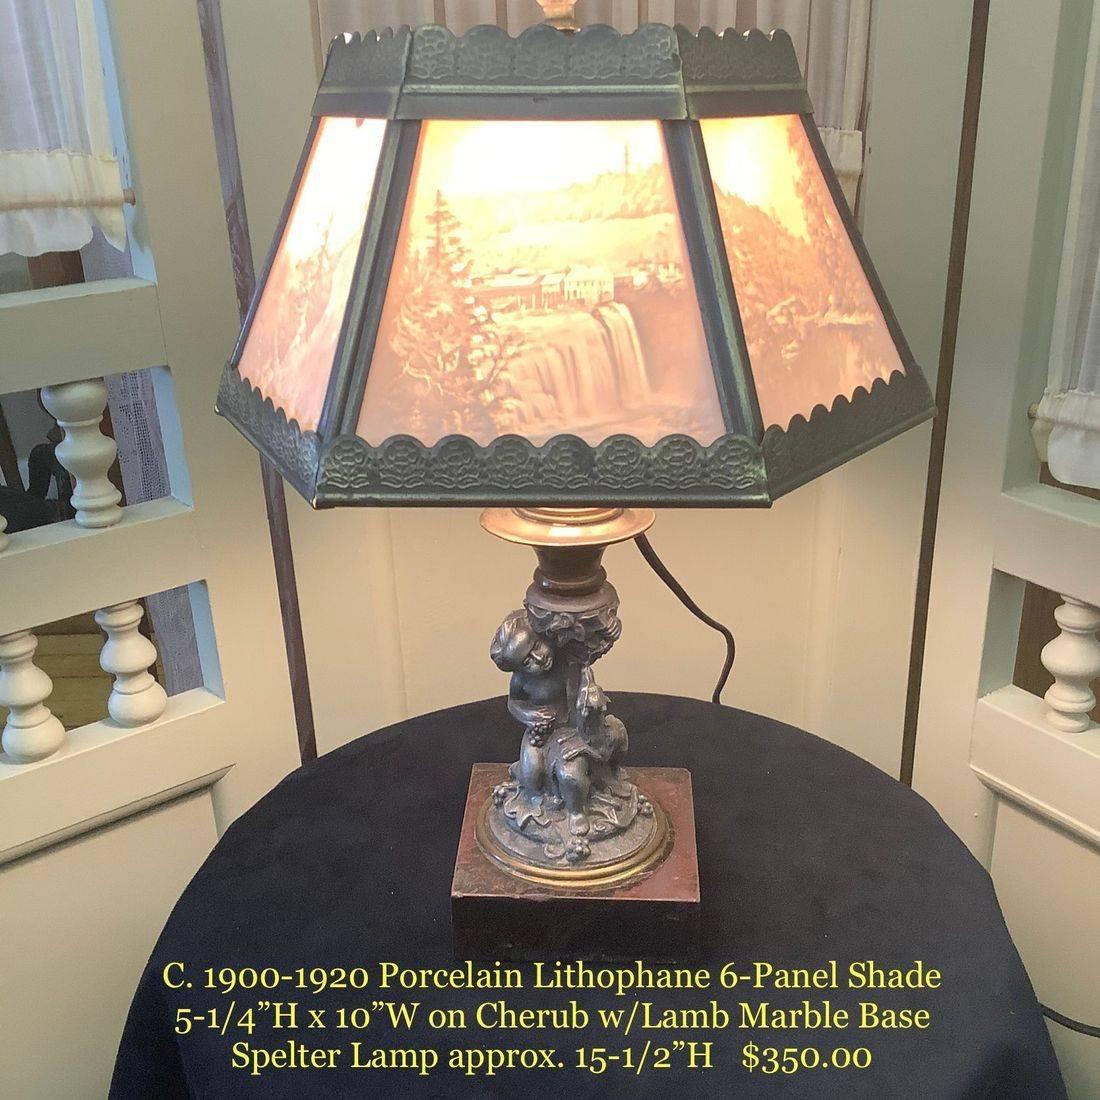 C. 1900-1920 Porcelain Lithophane 6-Panel Shade on Cherub Spelter Lamp   $350.00